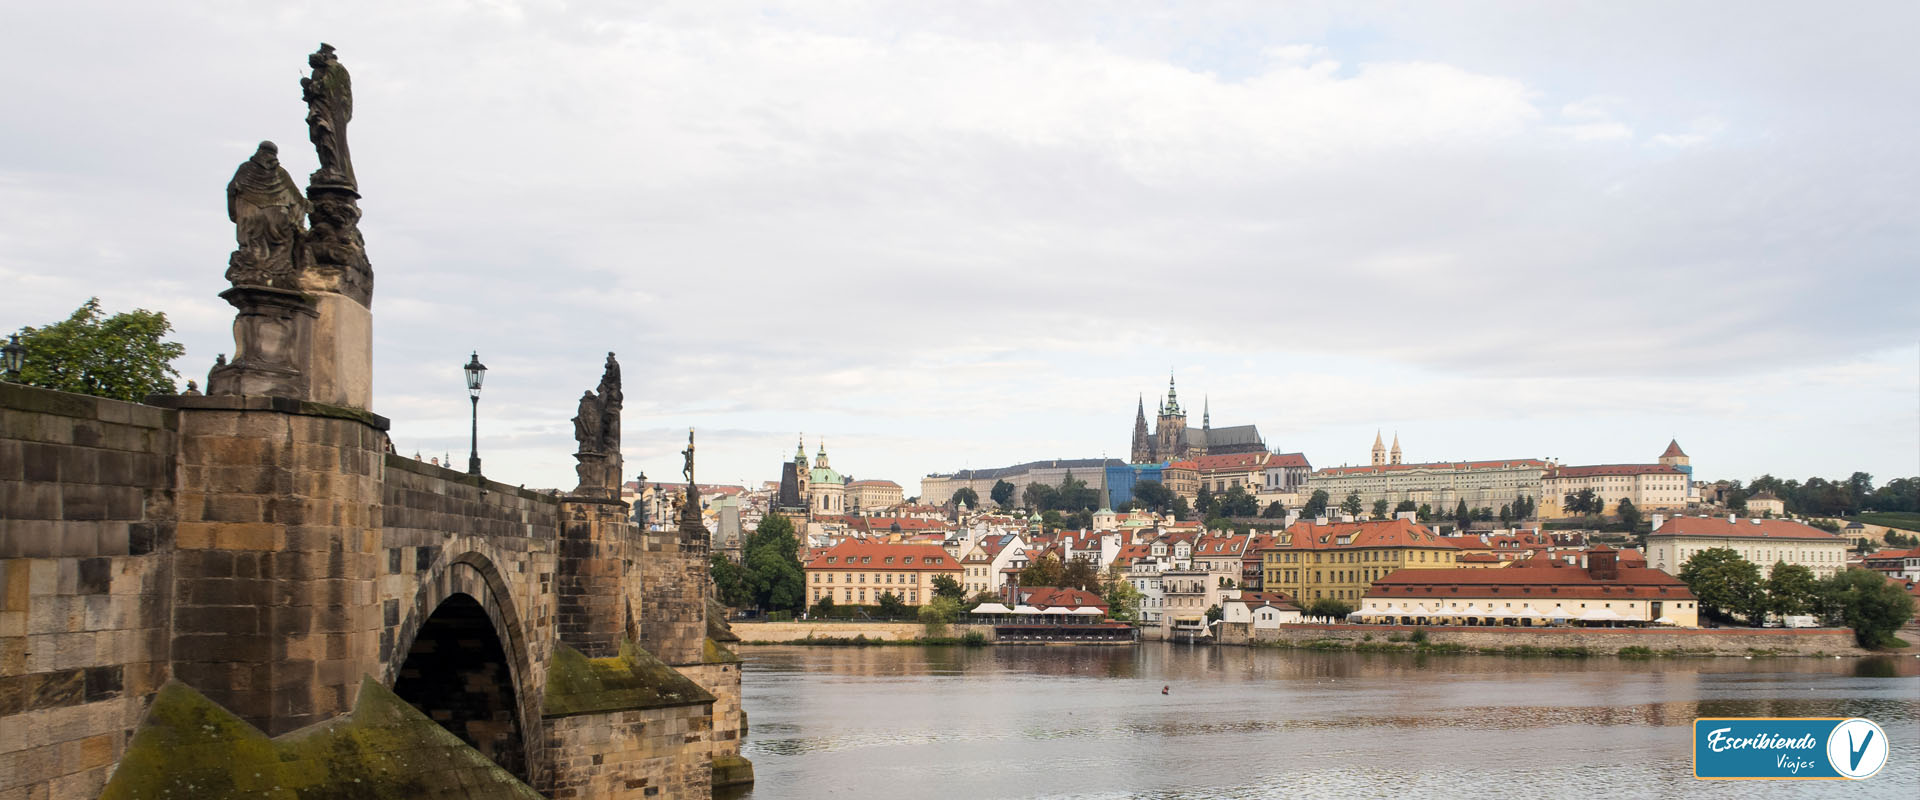 Qué ver en Praga en cuatro días